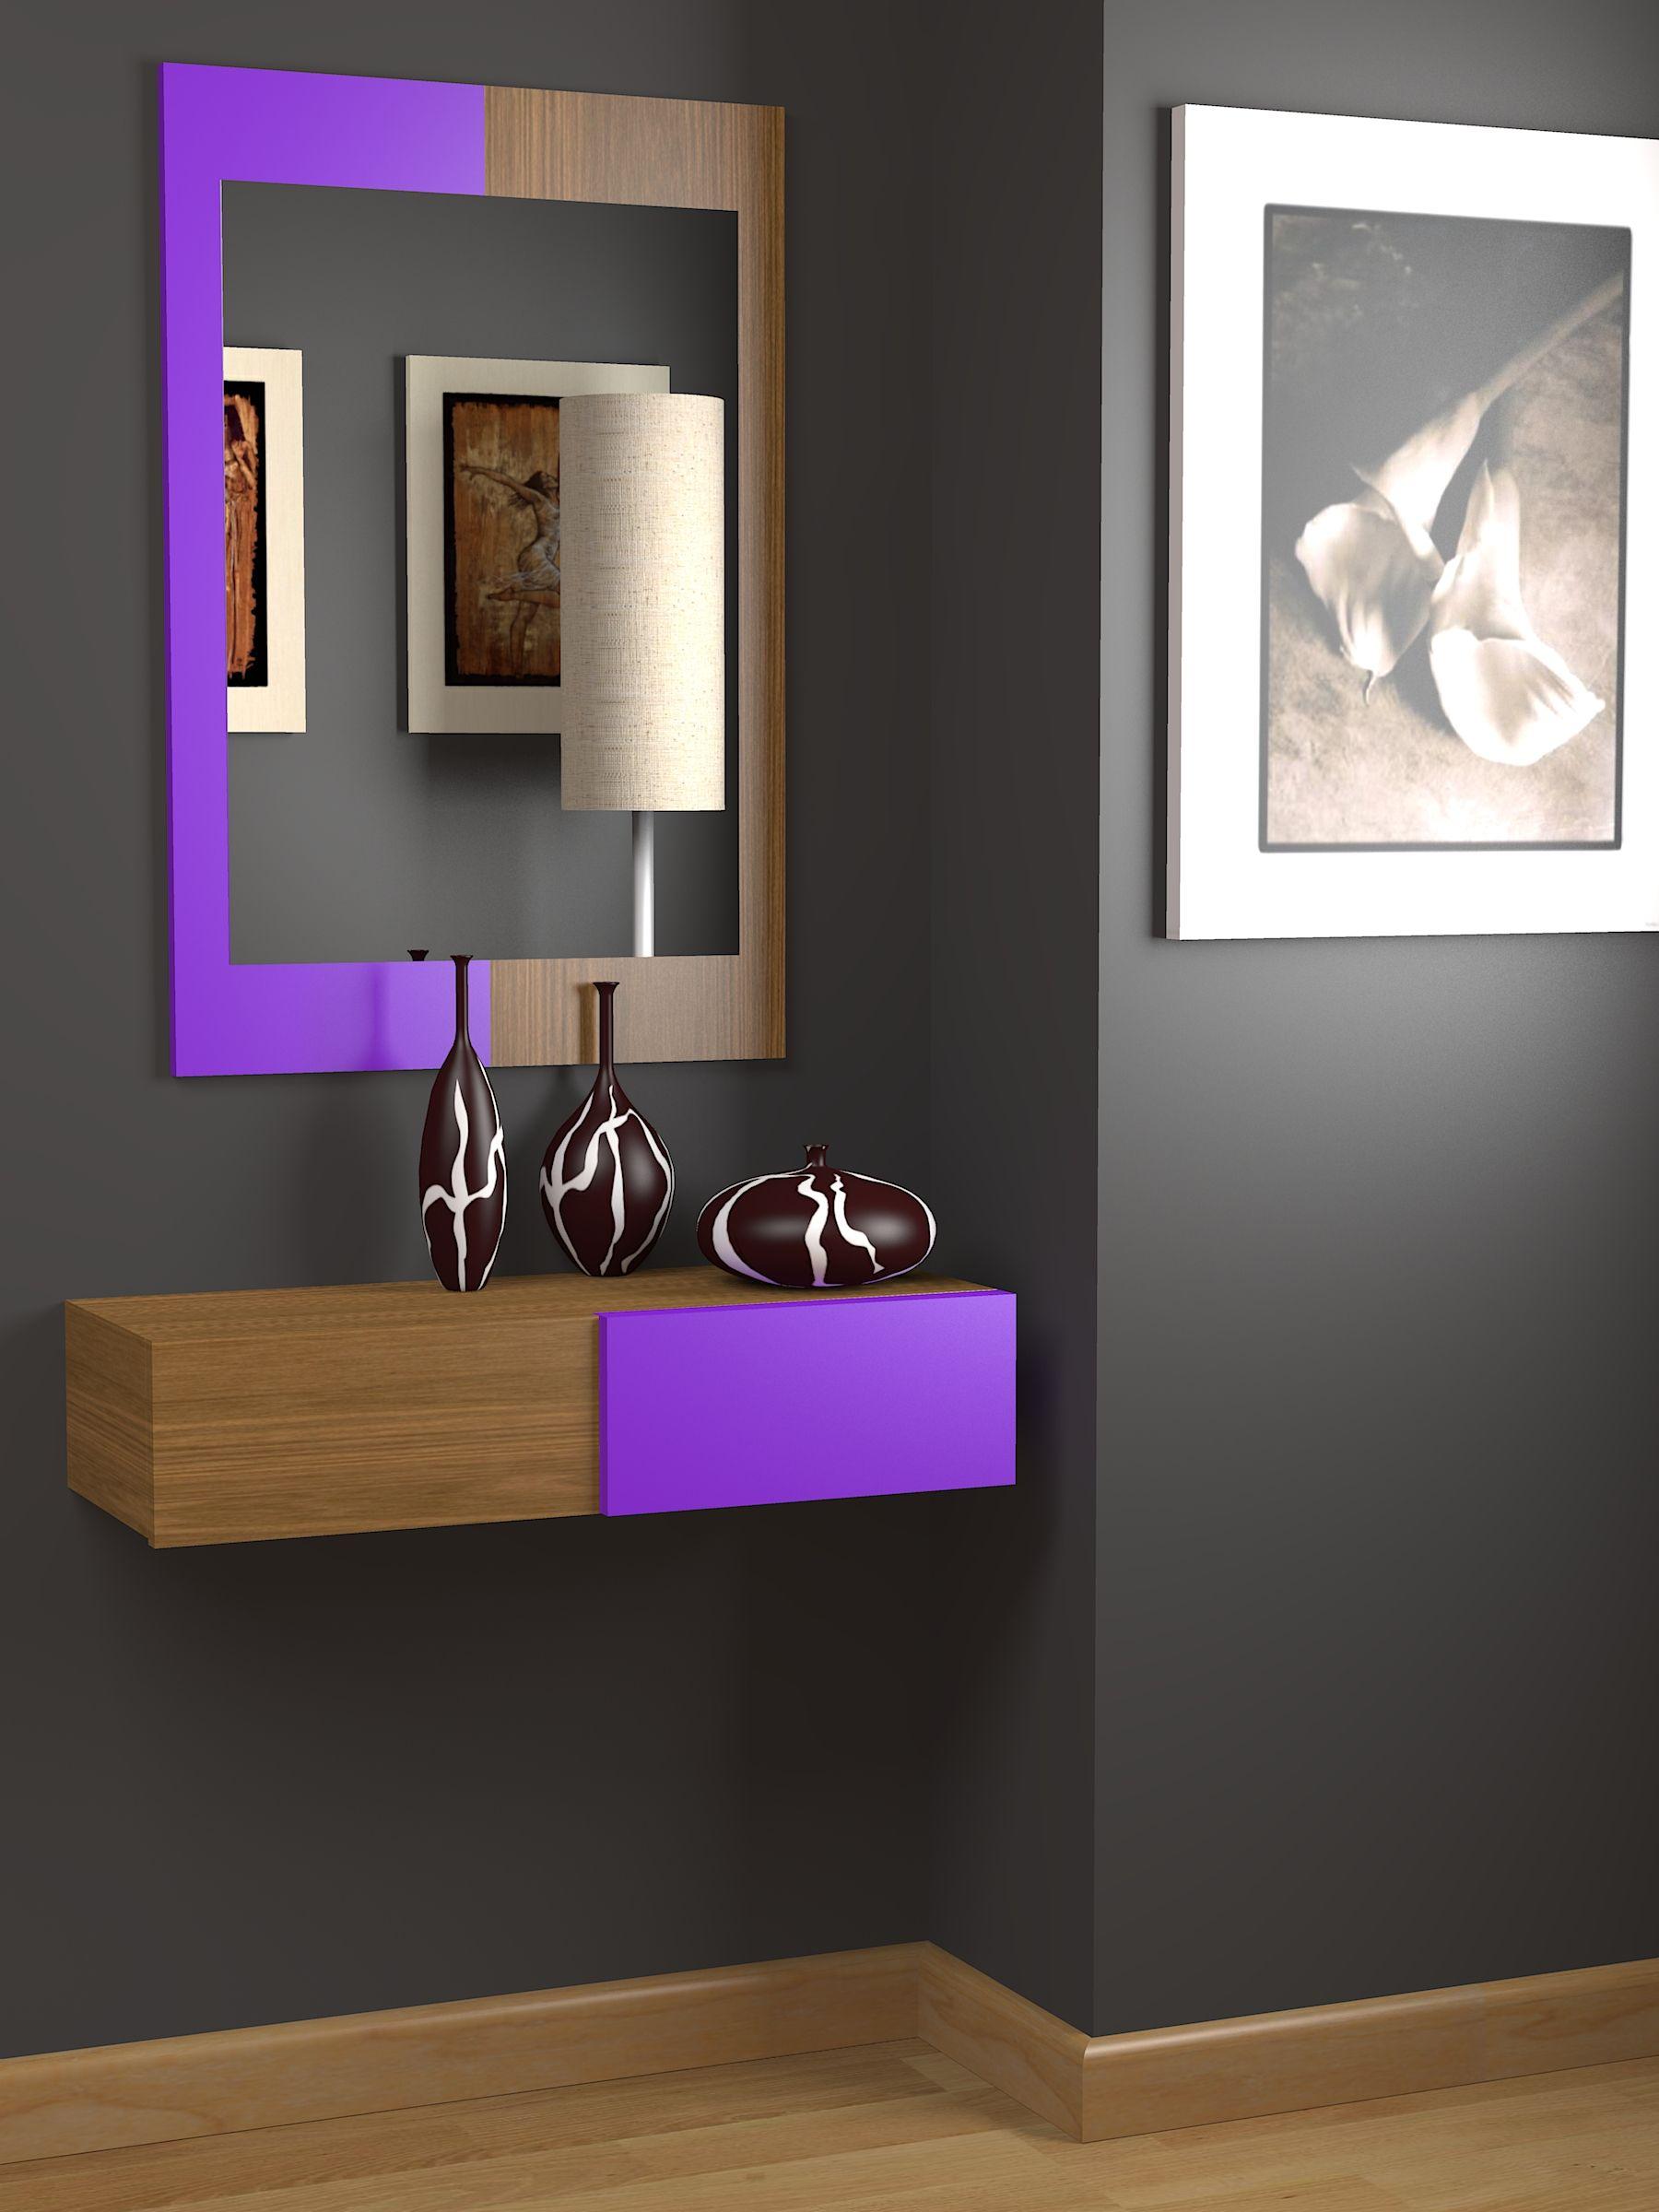 Muebles recibidores completamente a medida todo tipo de - Colores para recibidores ...